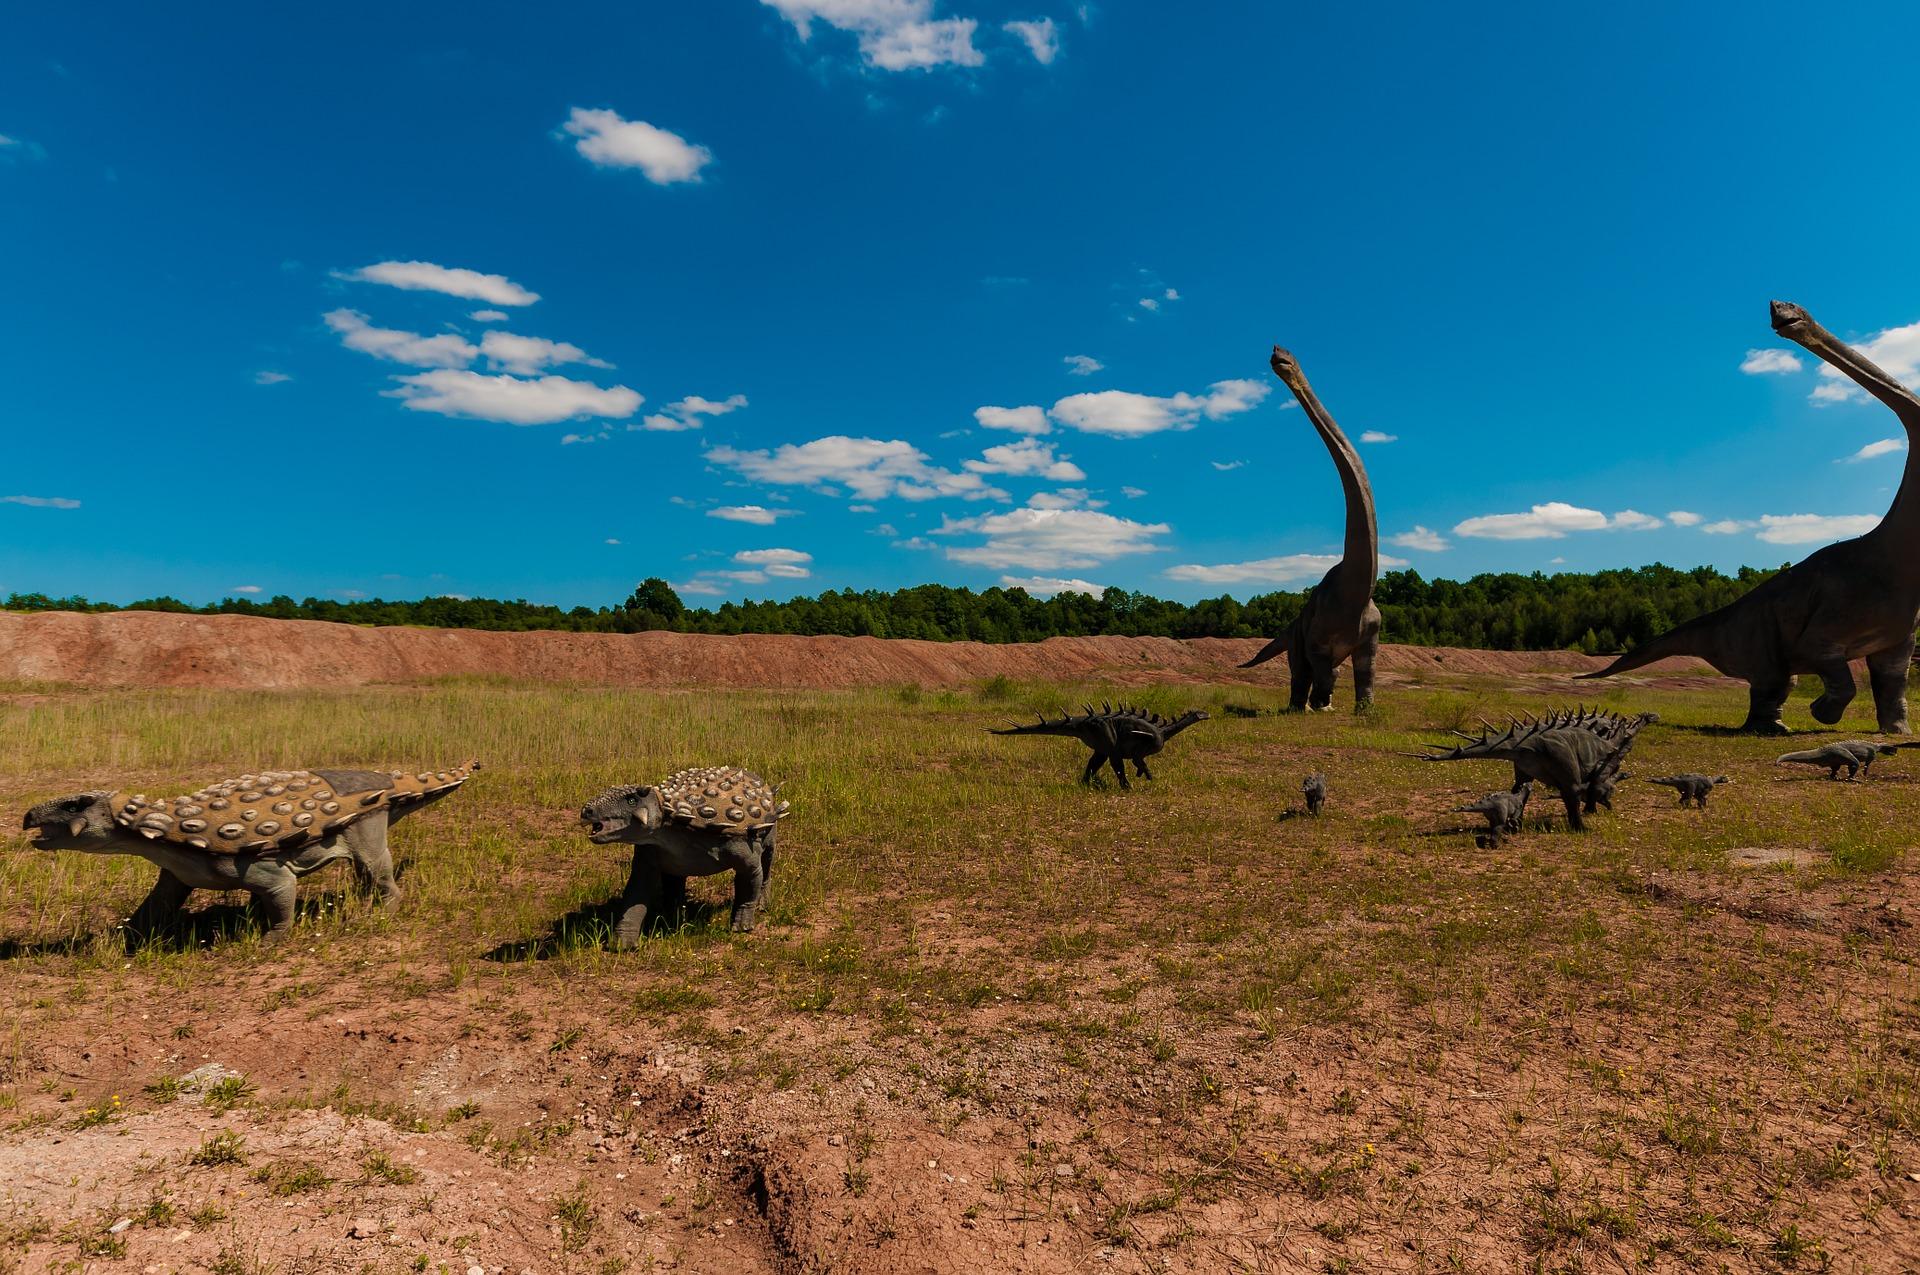 Illustration mit grossen und kleineren Dinosauriern auf einer Steppe.